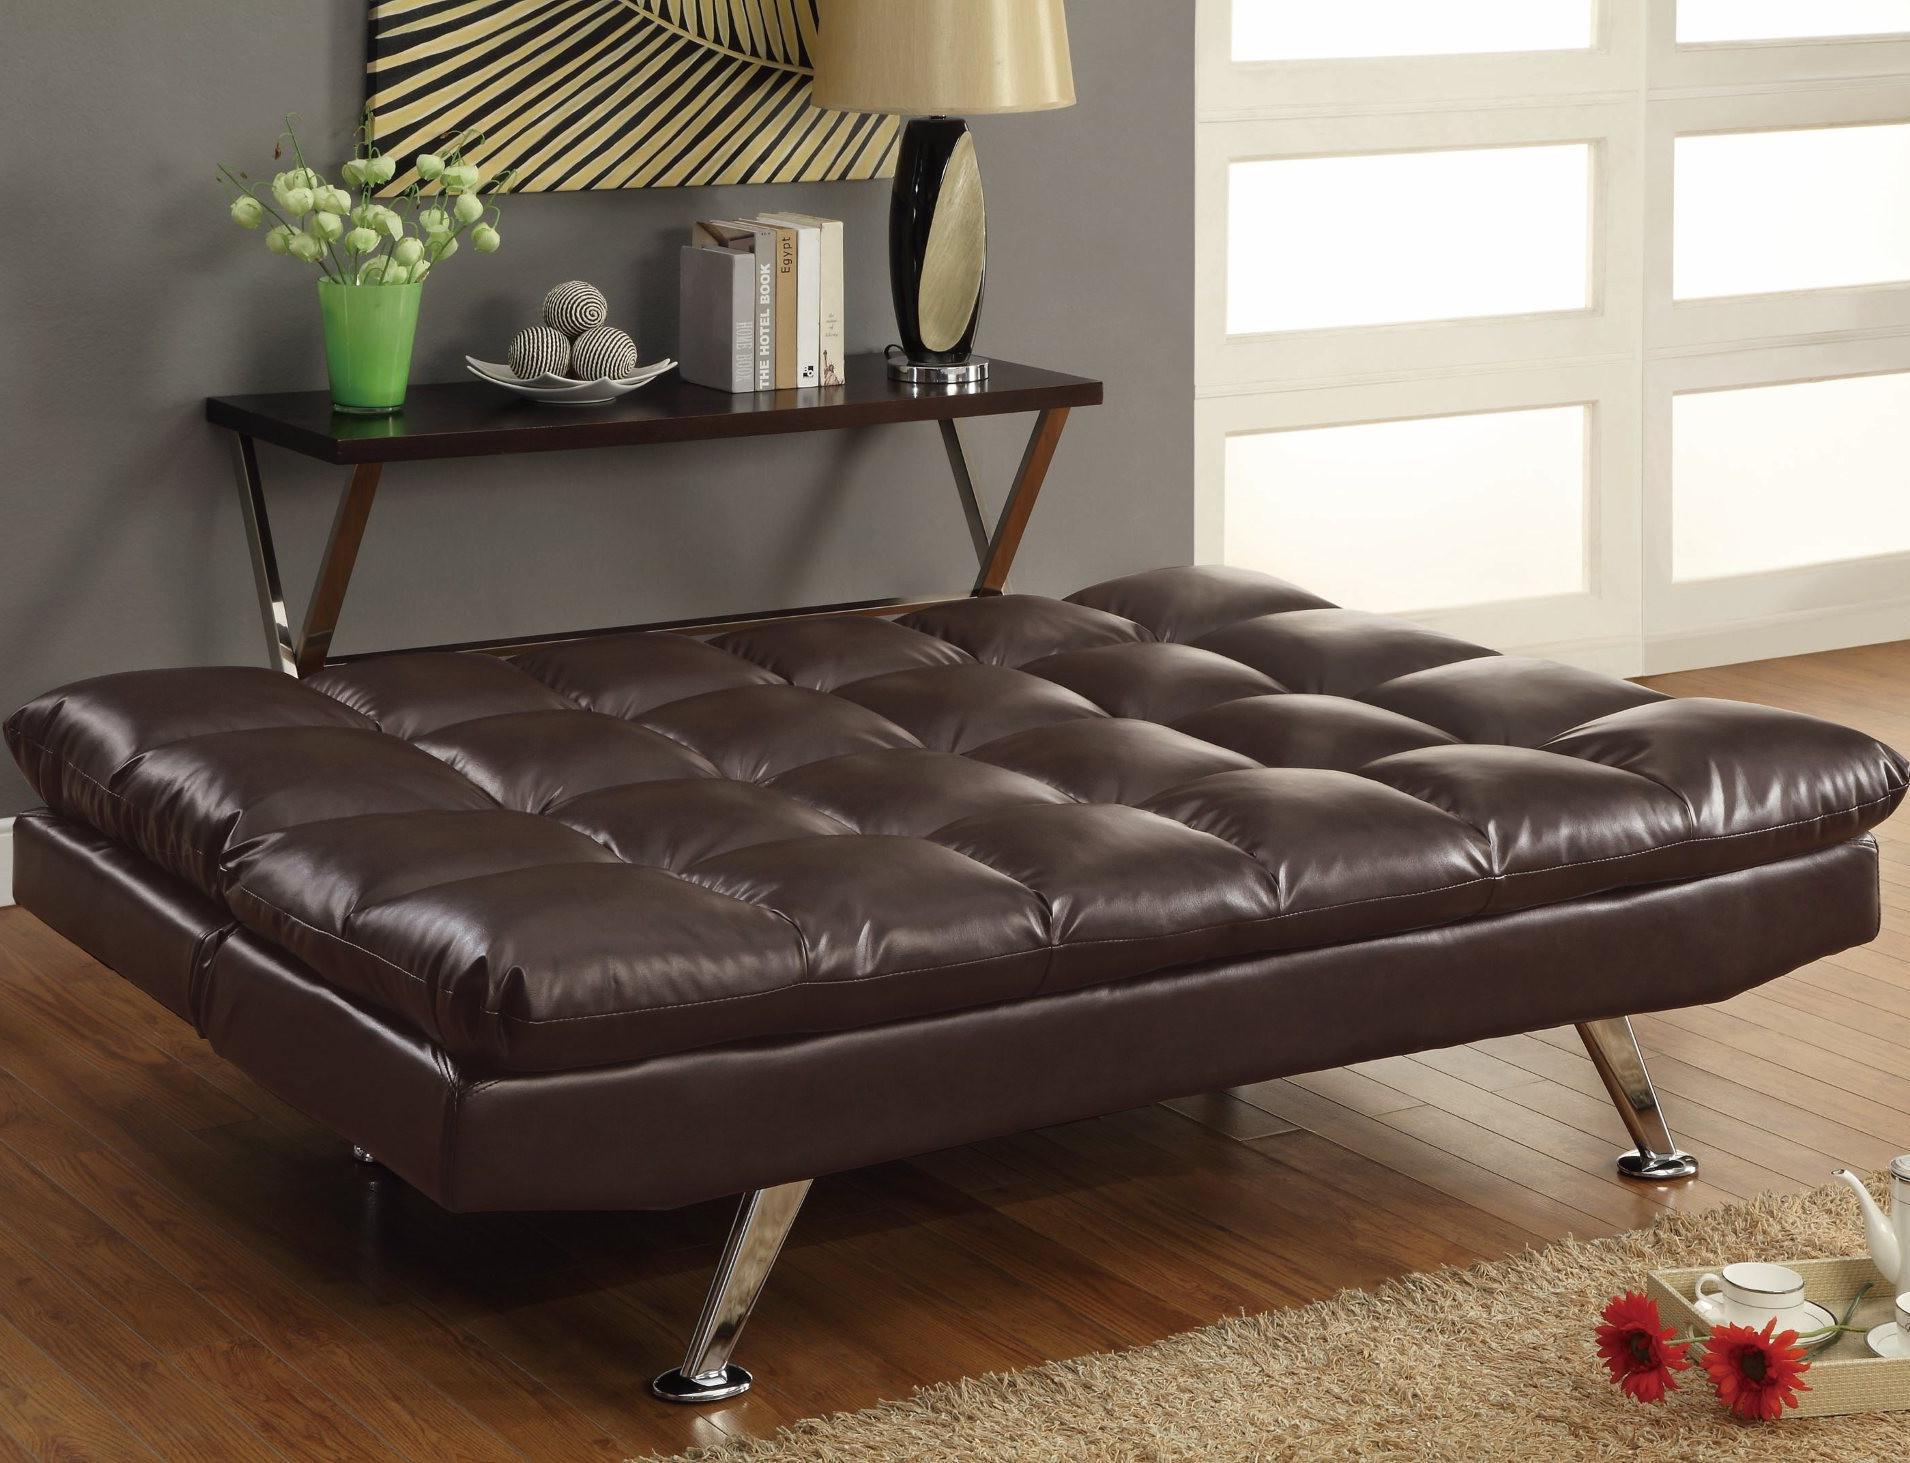 Sofa-Beds_300122-b2